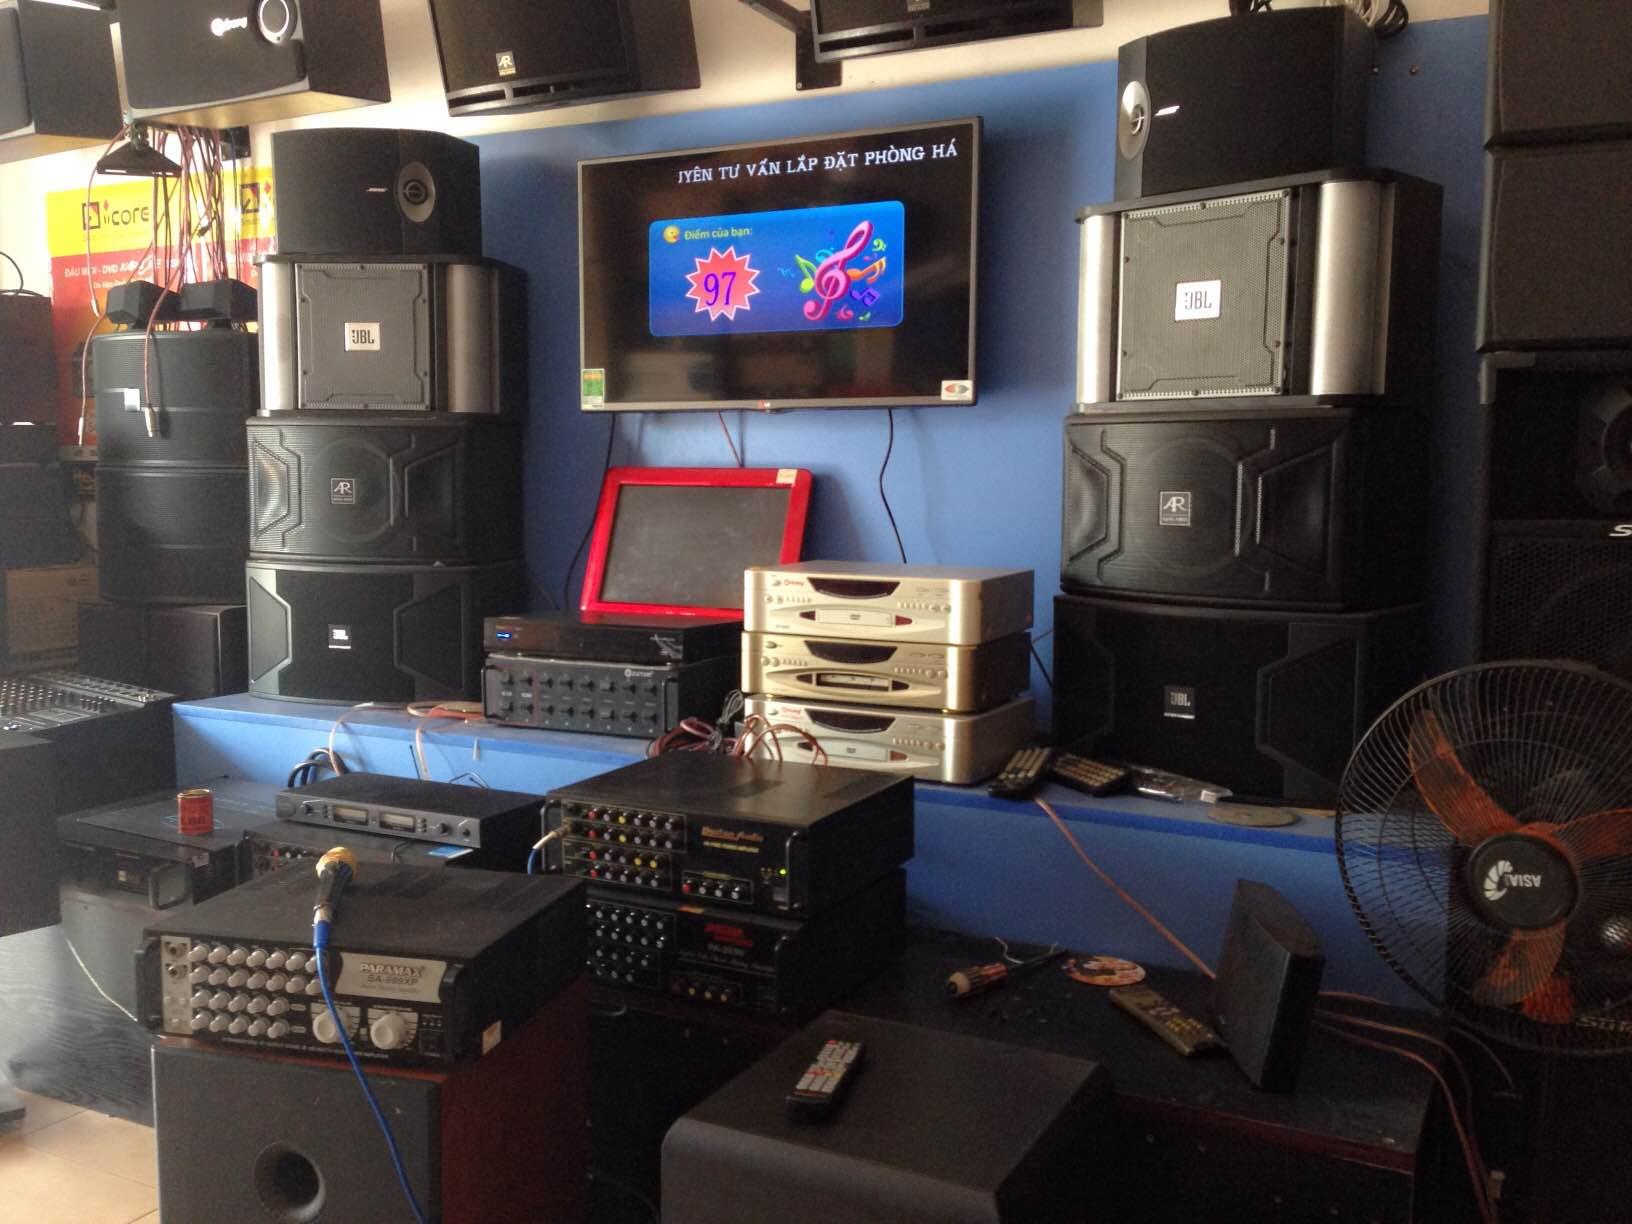 Loa BMB 850 tại cửa hàng